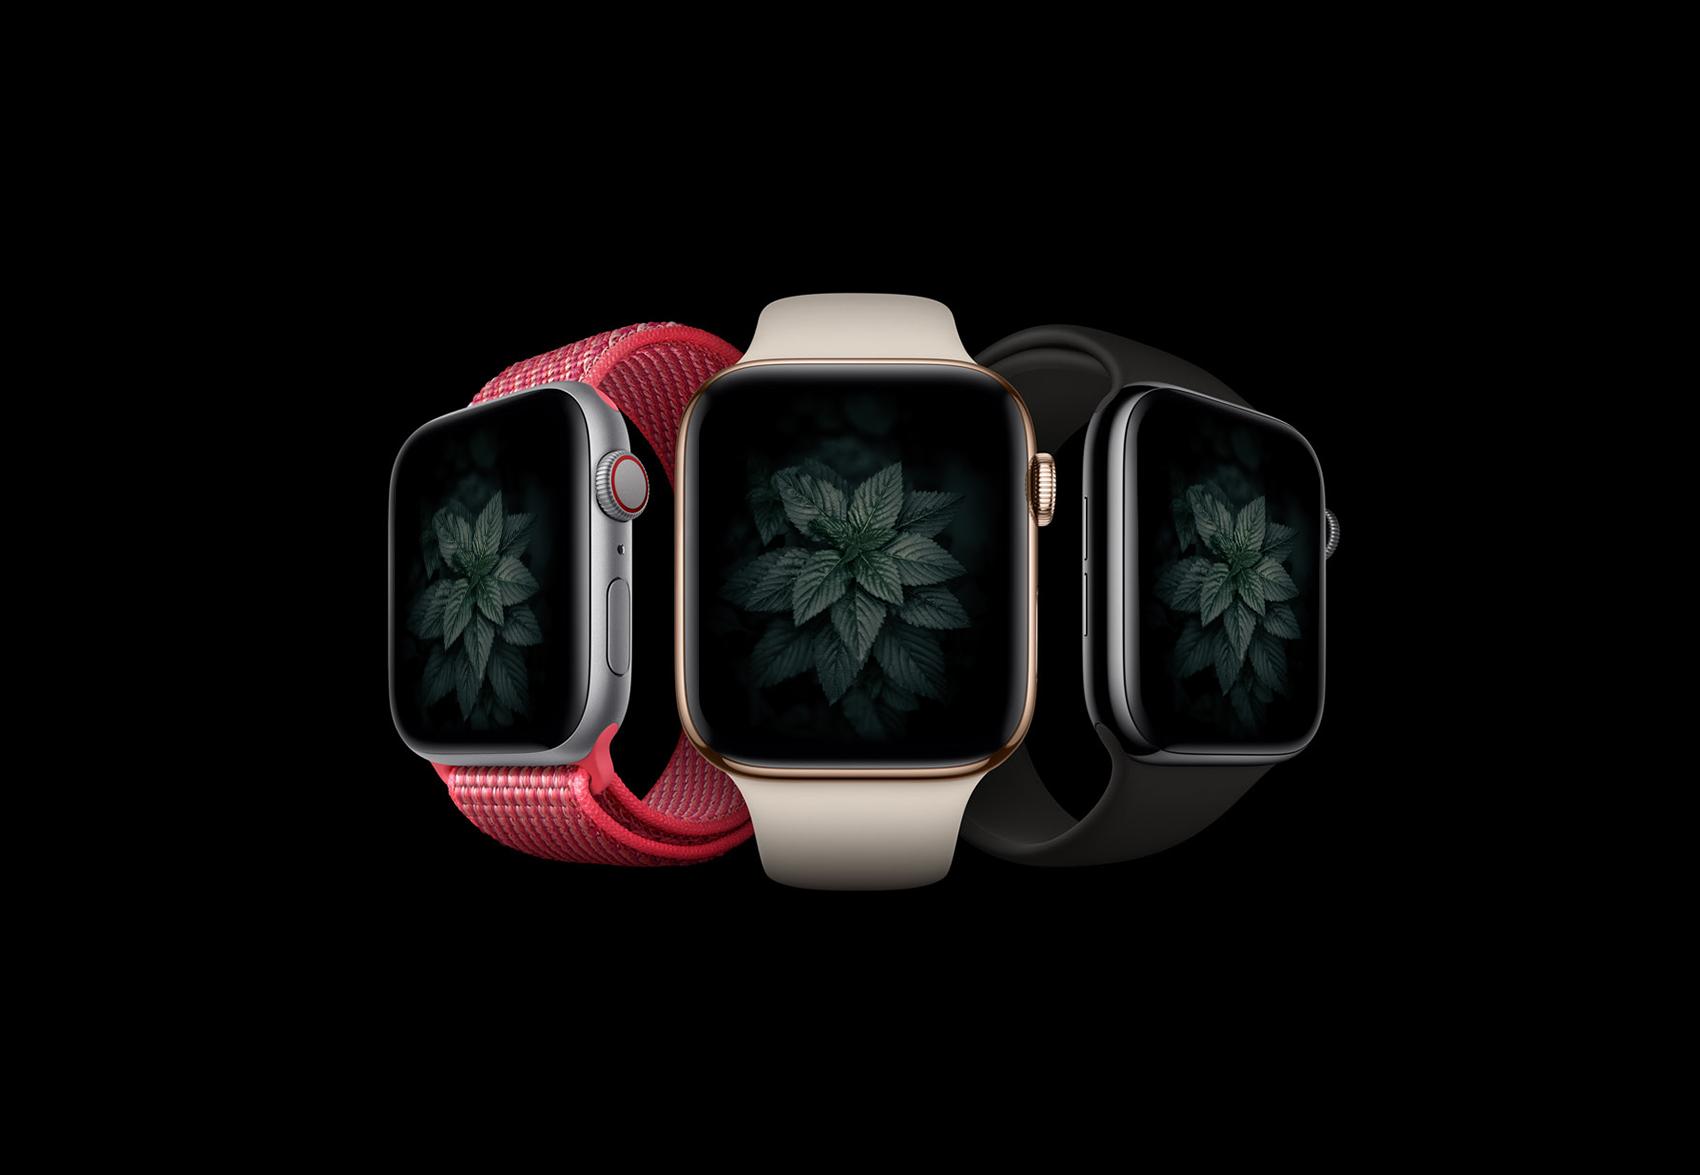 Apple Watch 模型 - PSD 模版素材下载